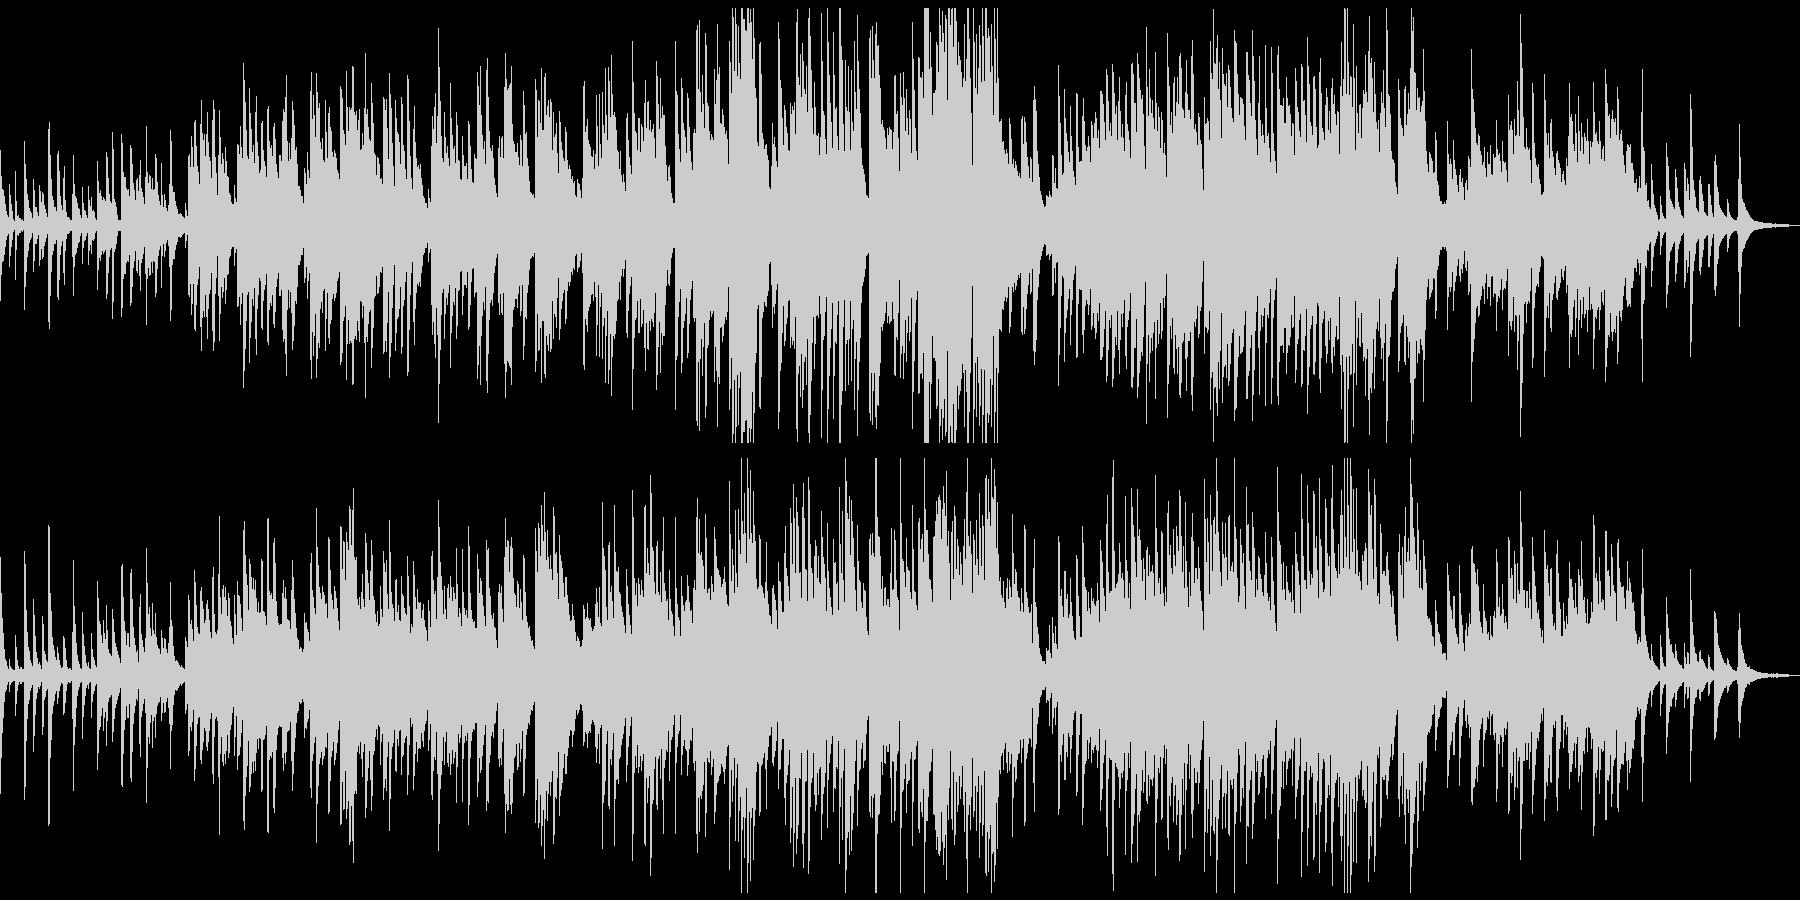 感動的な優しいピアノソロの未再生の波形